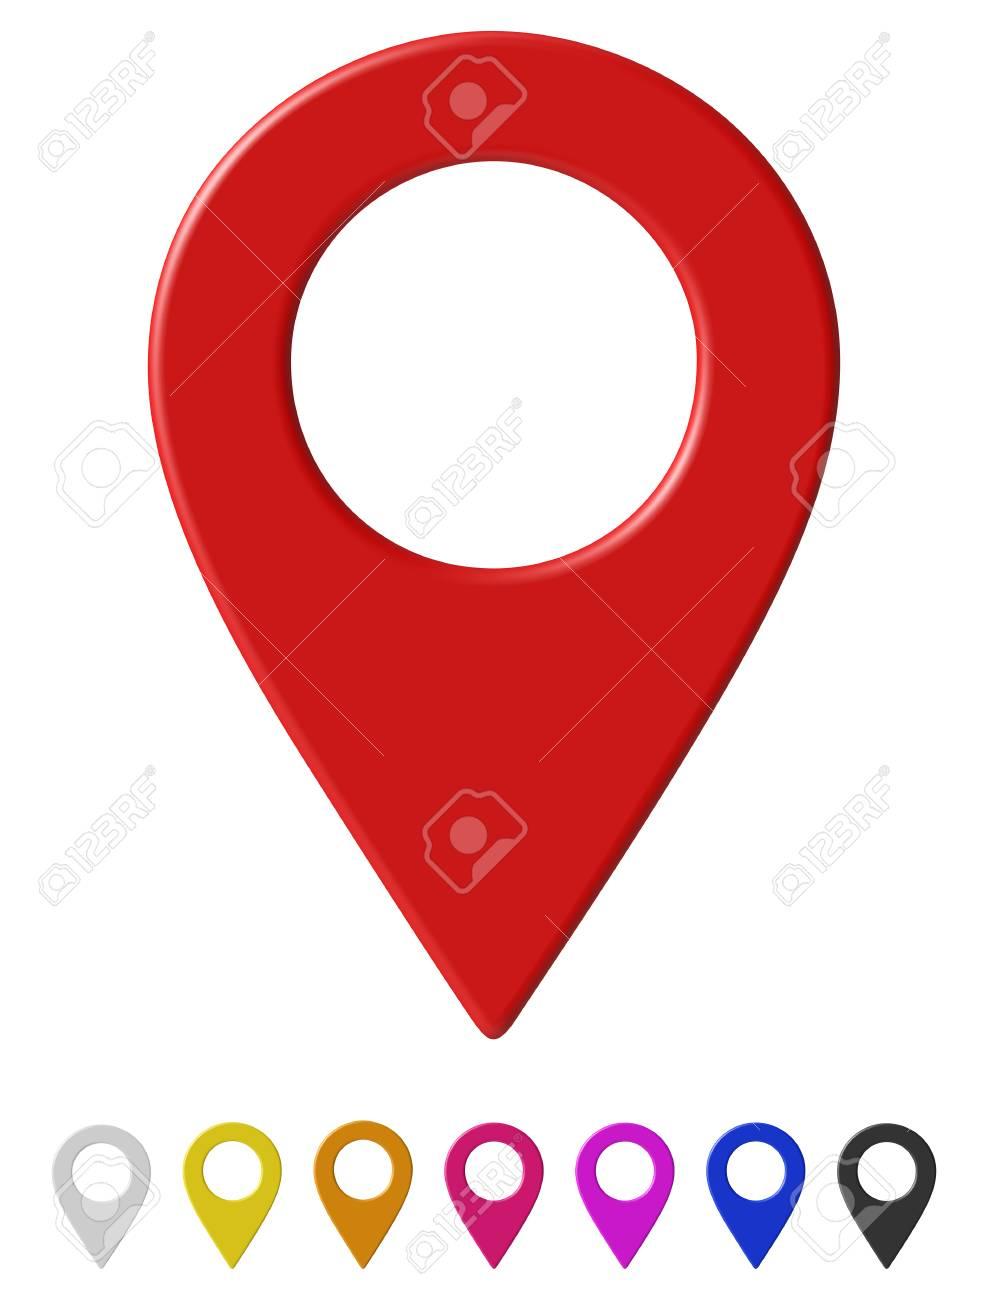 Map pointer Vector illustration. - 92809635